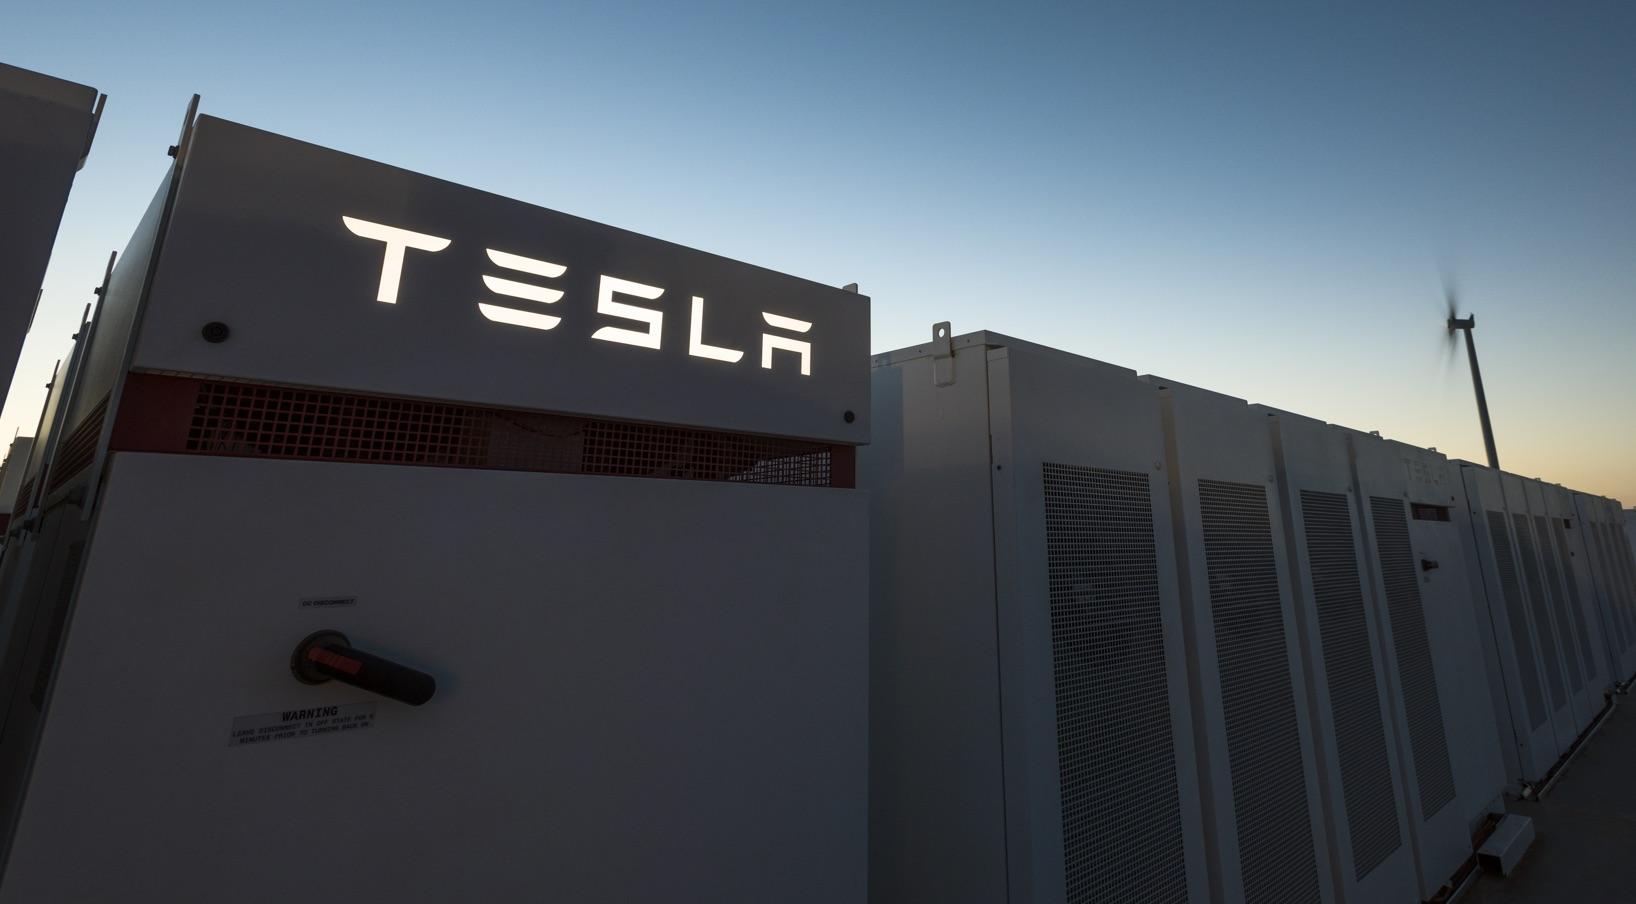 Аккумуляторы Tesla наносят очередной удар по газовым электростанциям Австралии с рекордной мощностью 150 МВт